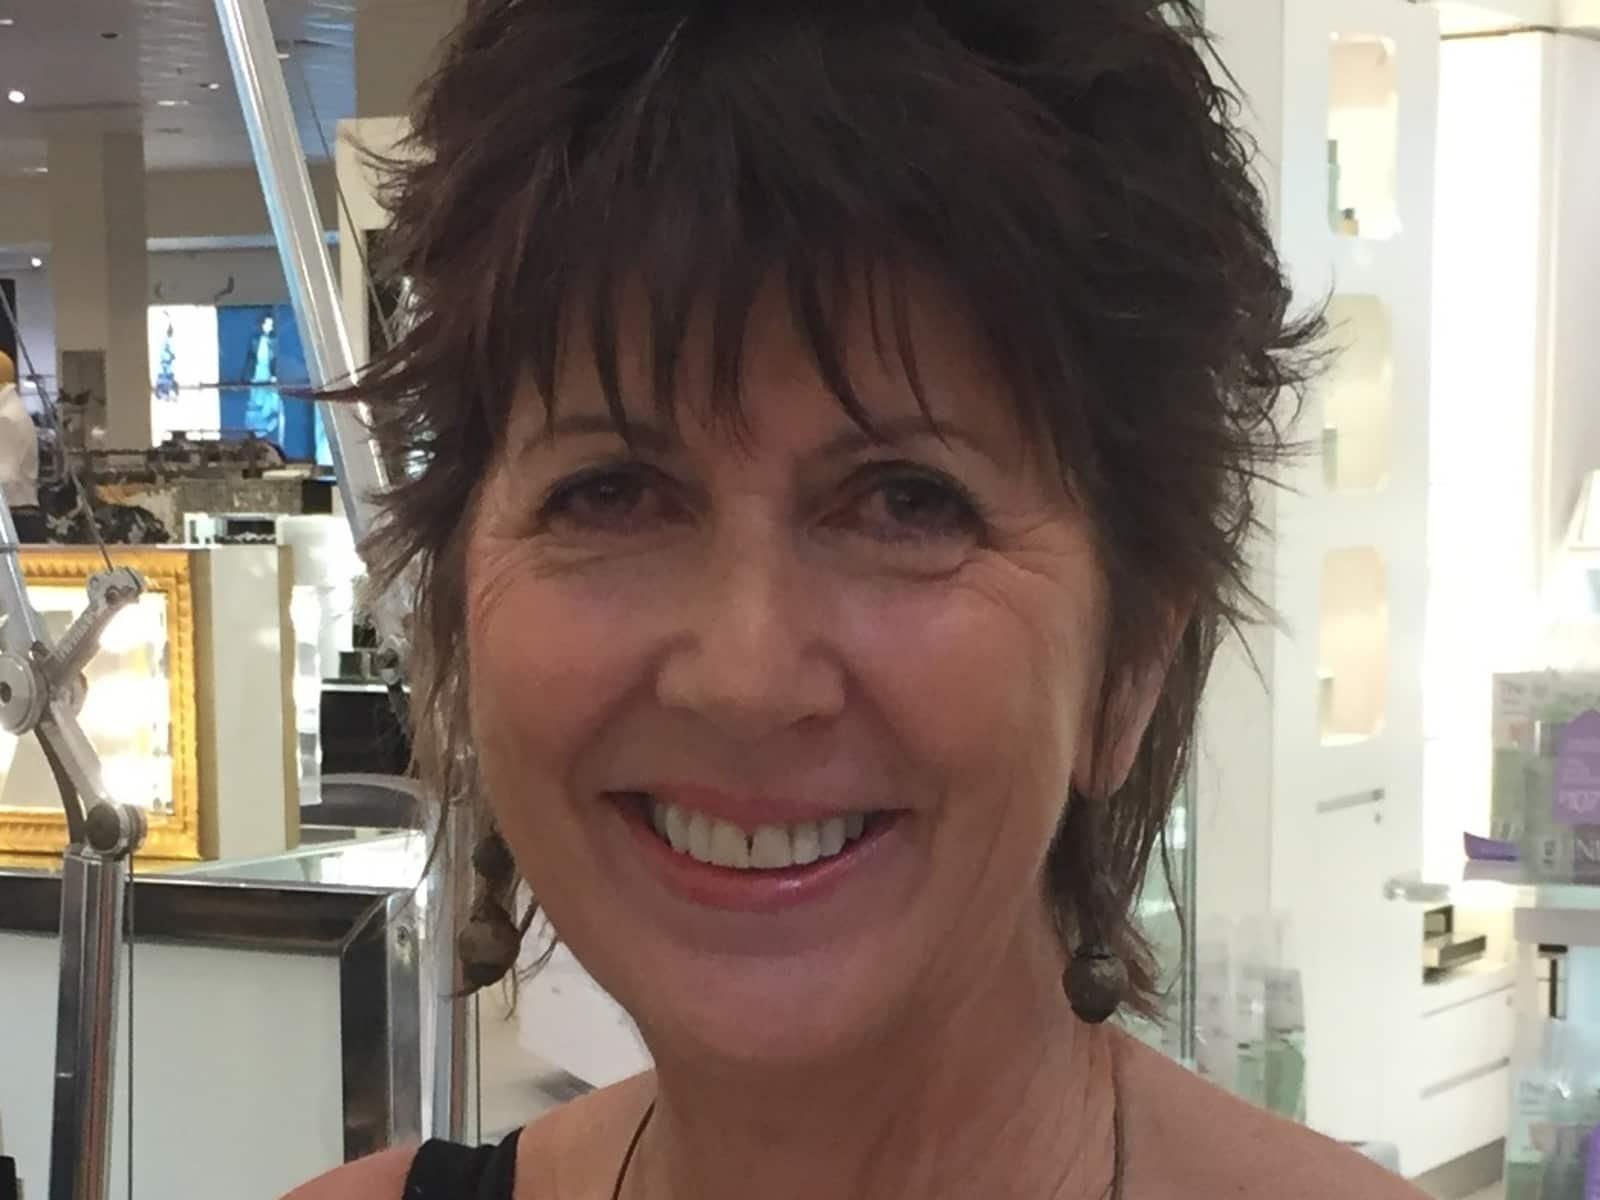 Marianne from Brisbane, Queensland, Australia